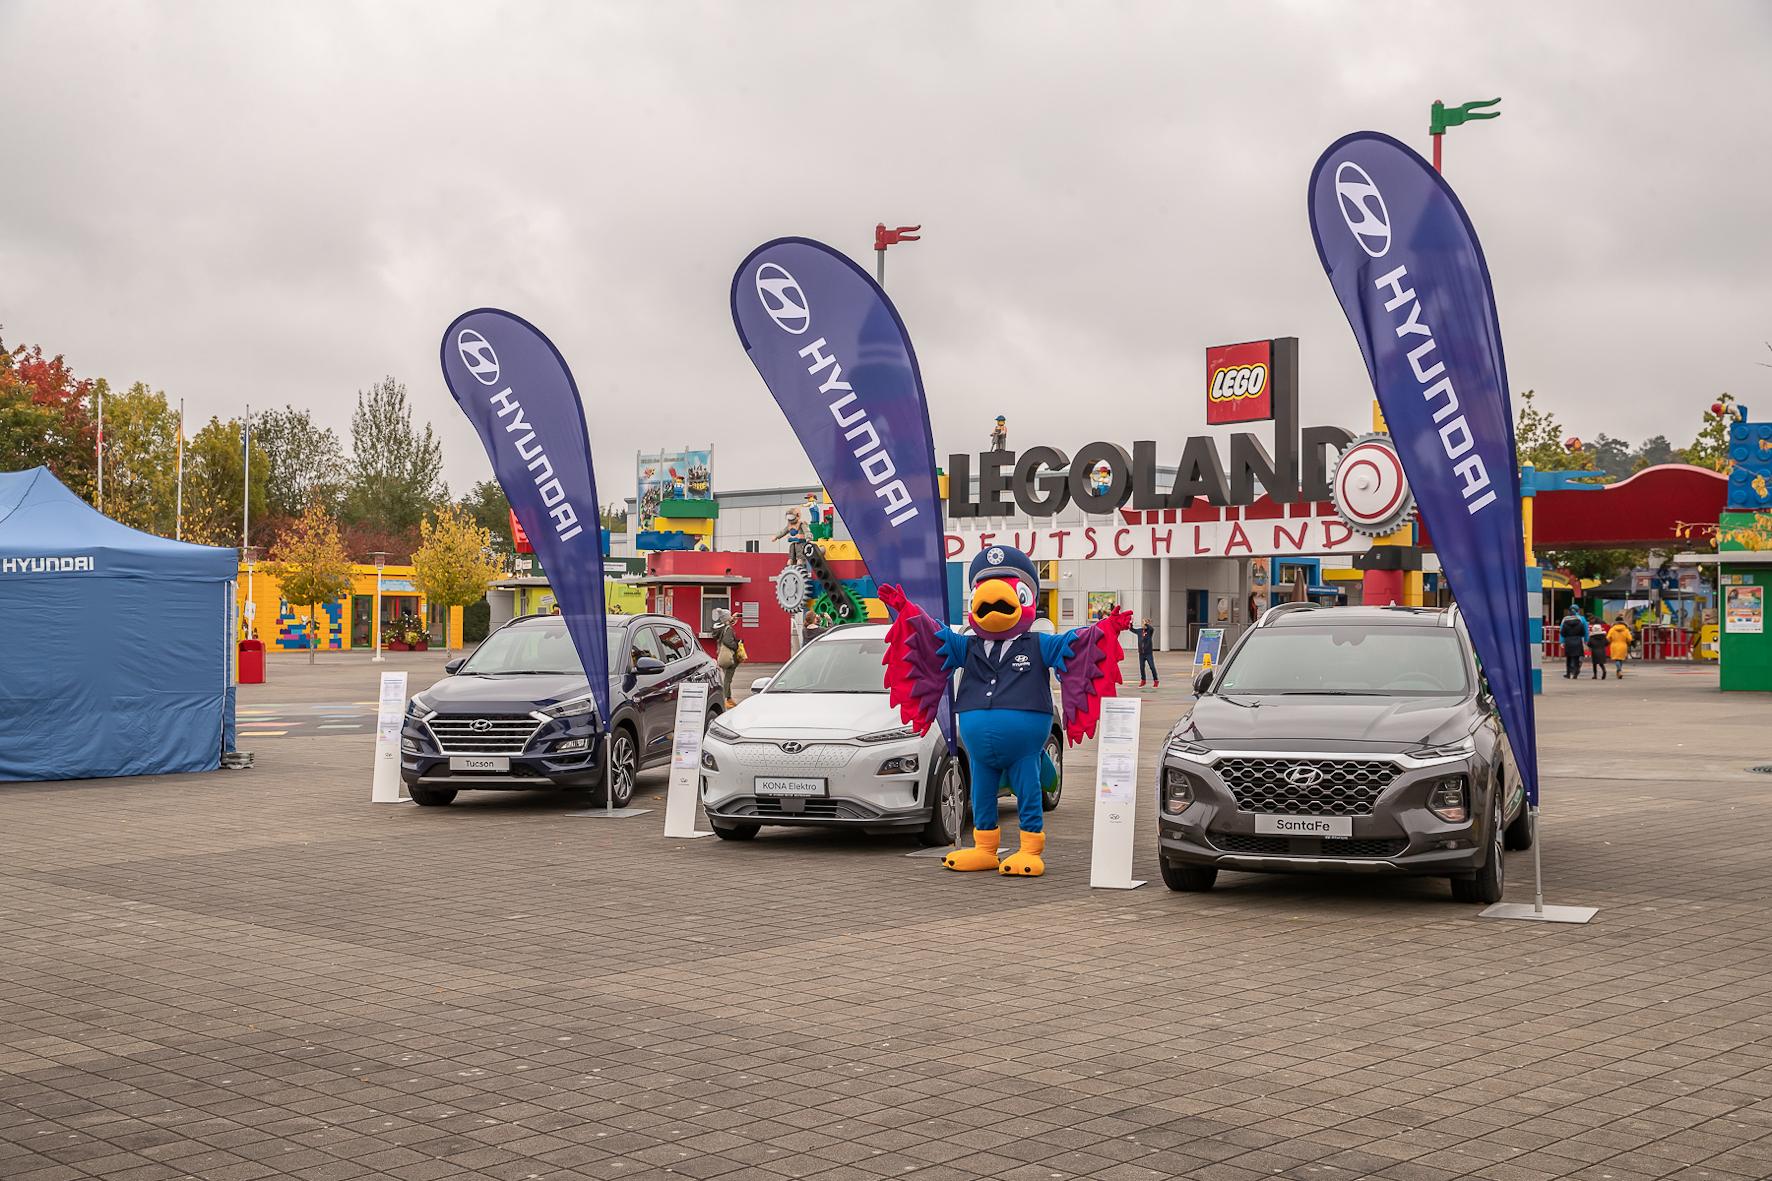 mid Groß-Gerau - Jubiläum: Seit inzwischen zehn Jahren gibt es die Kooperation zwischen Hyundai Motor Deutschland und dem Legoland Deutschland Resort. Hyundai